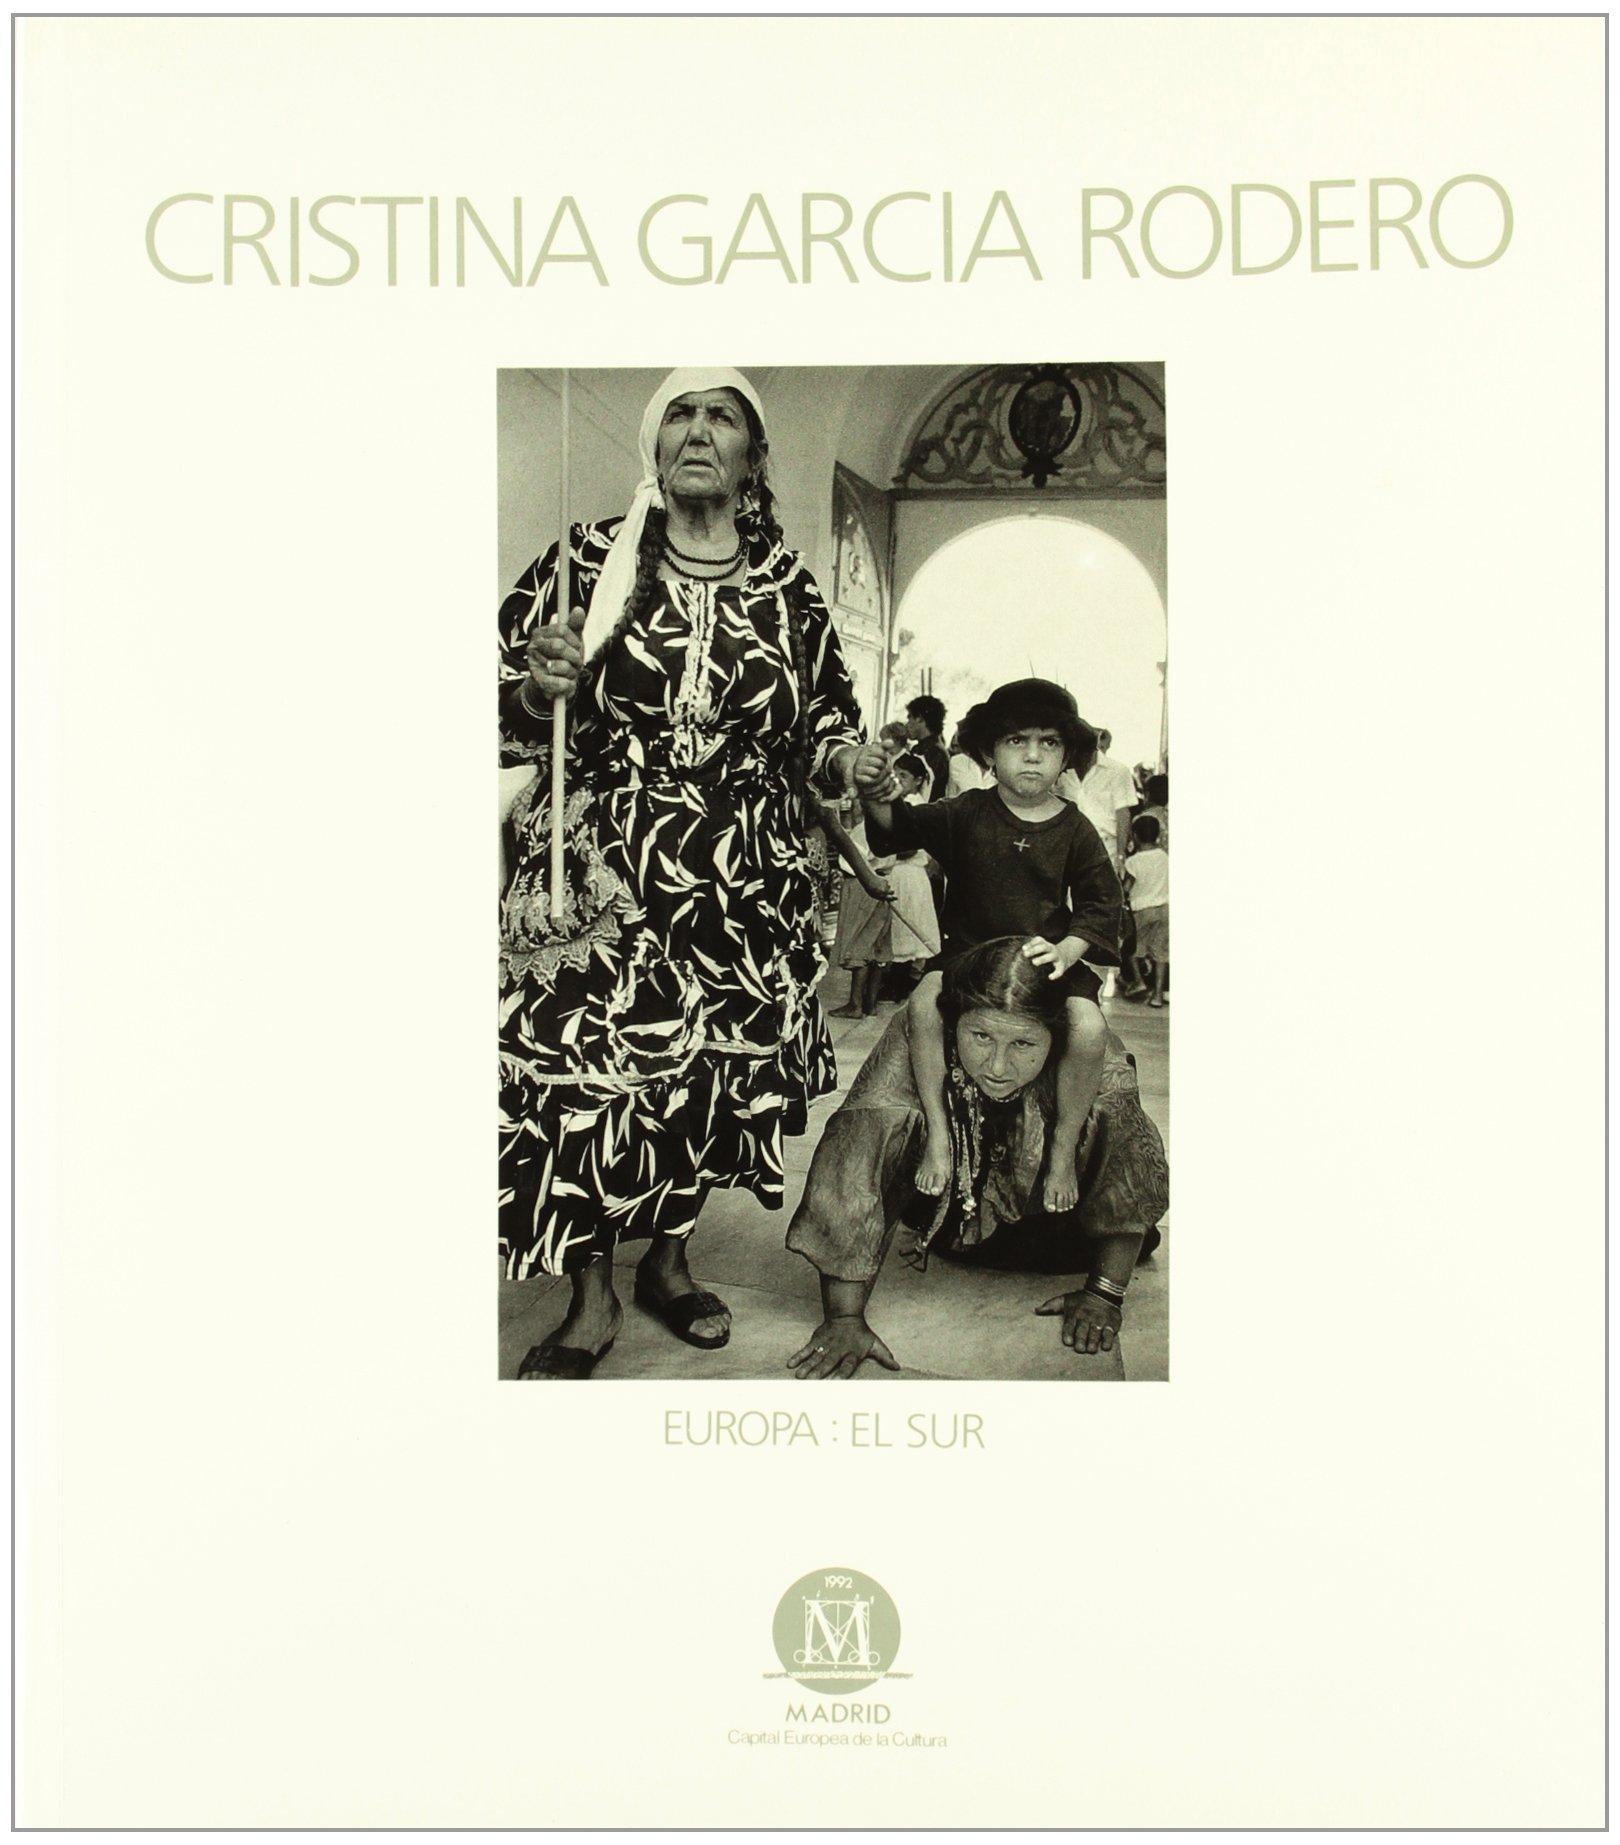 Europa: el sur: Amazon.es: Garcia Rodero, Cristina: Libros